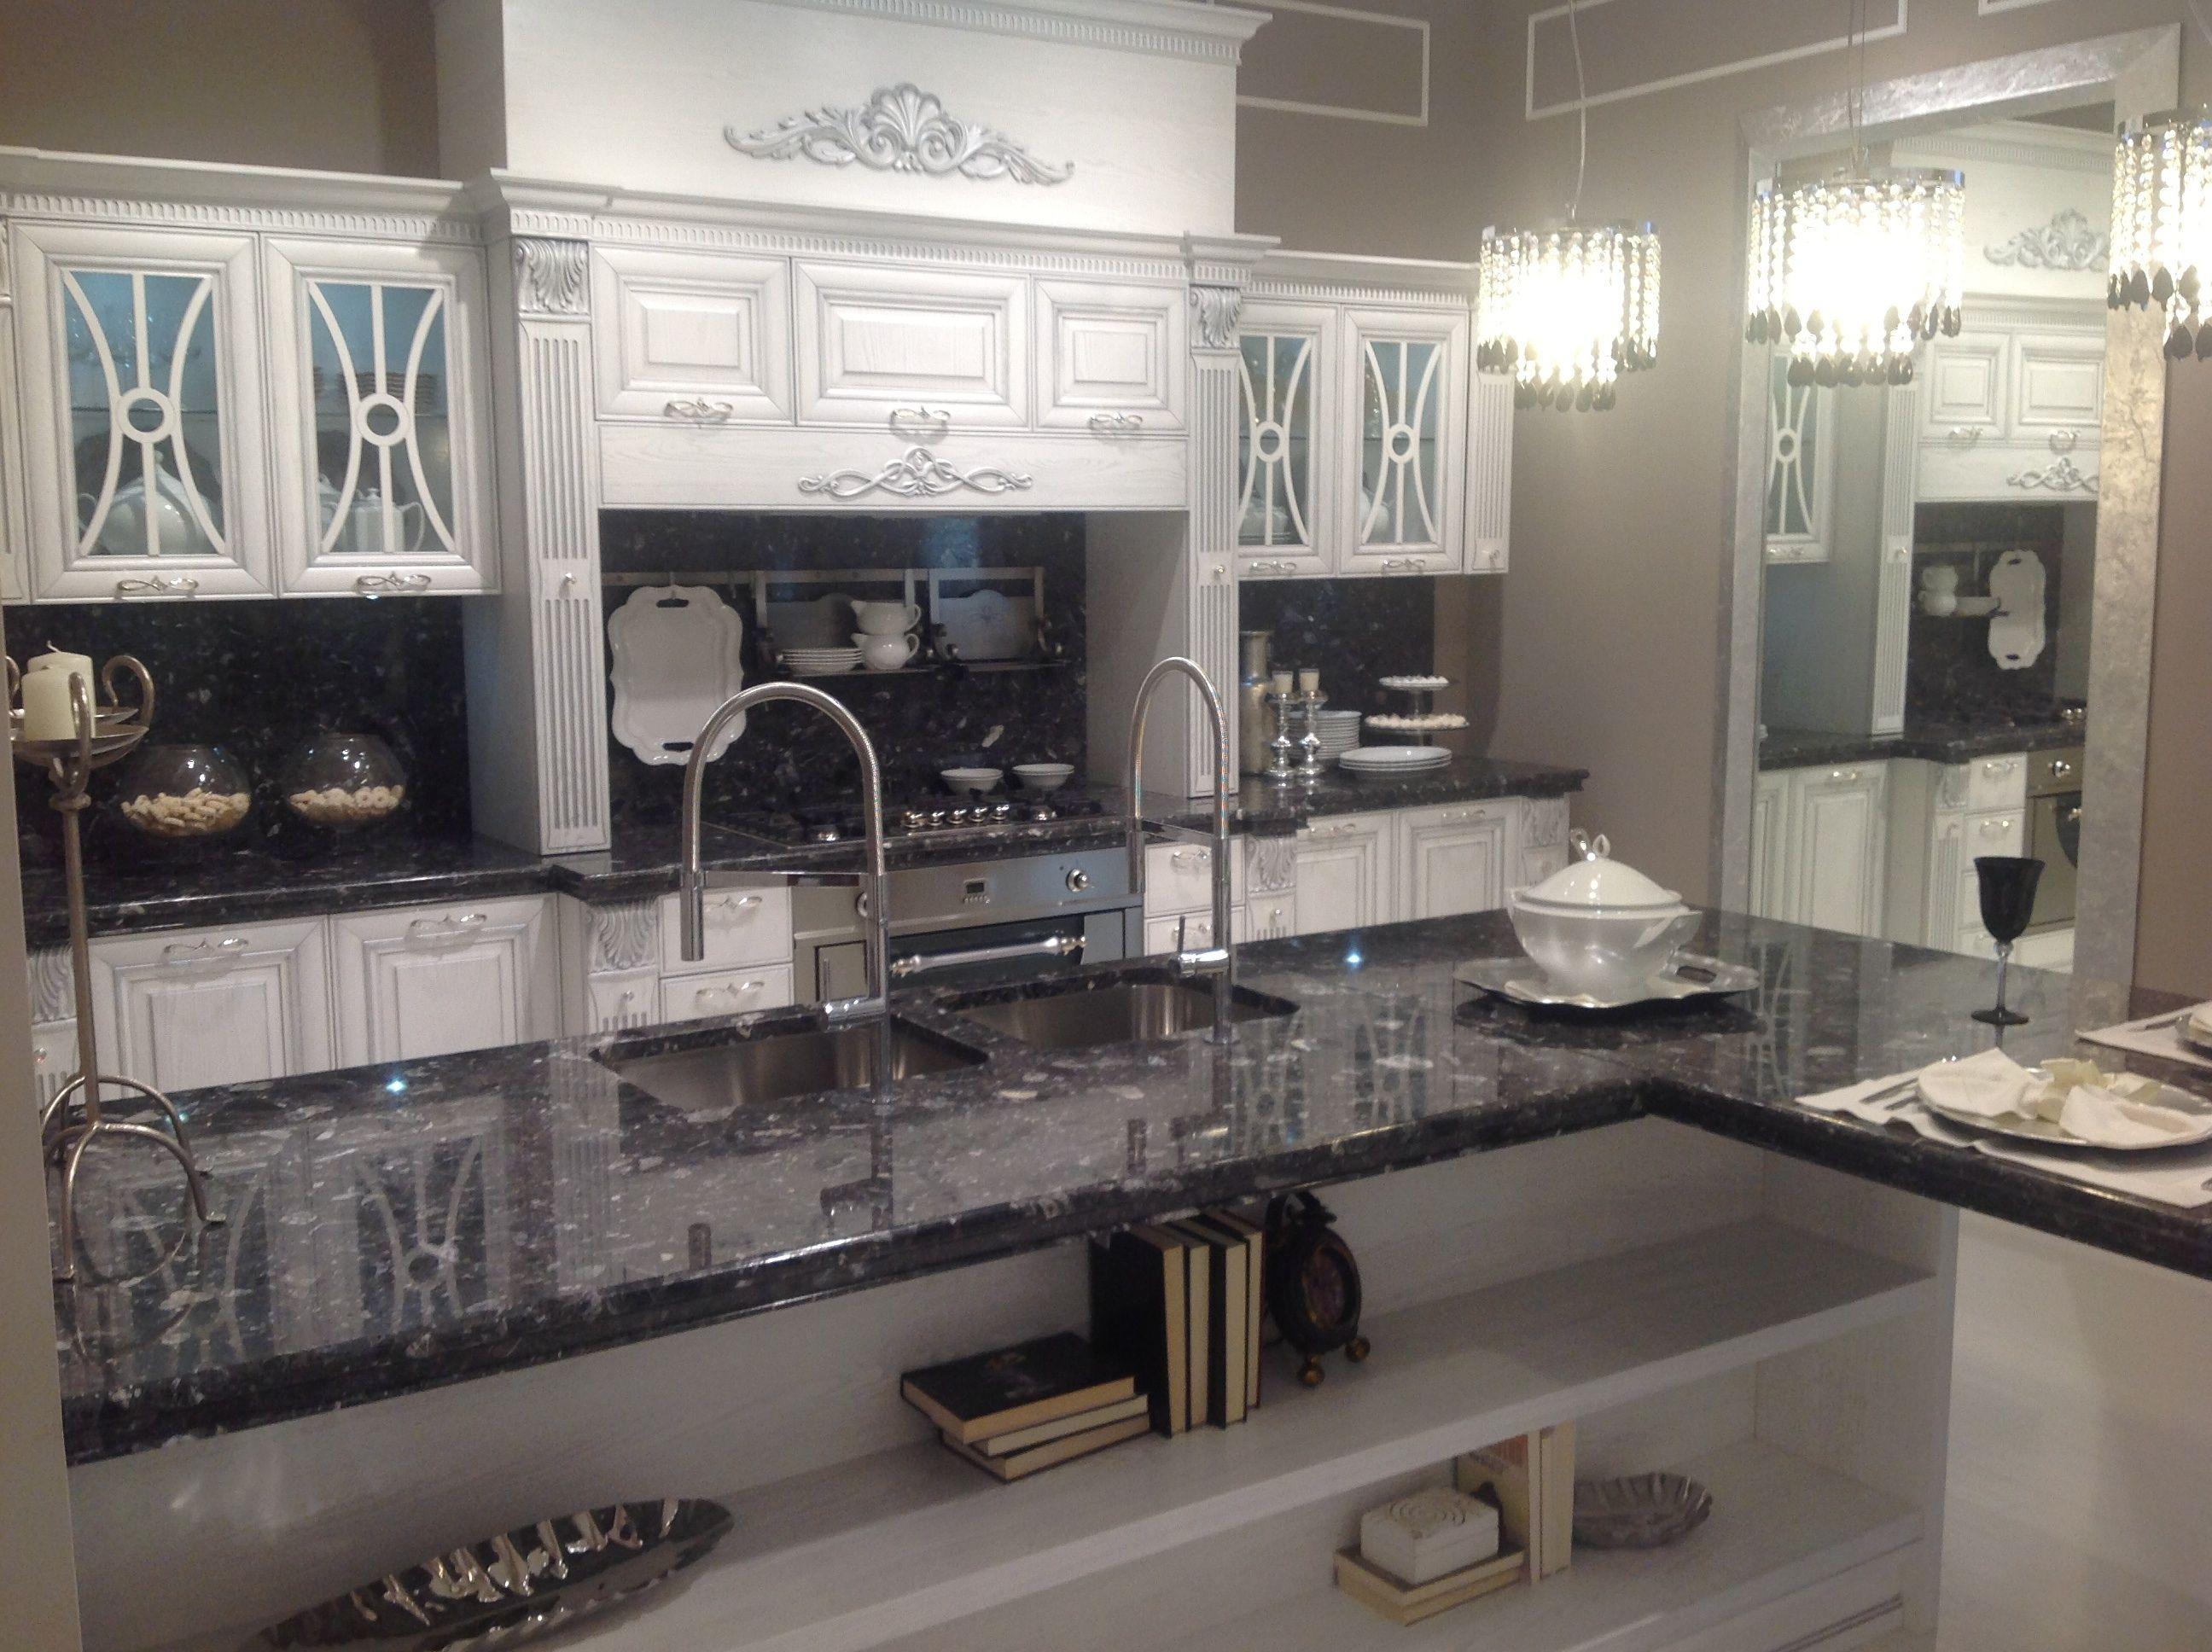 Cucina Lube Mod.Pantheon | Showroom Mb Arredamenti